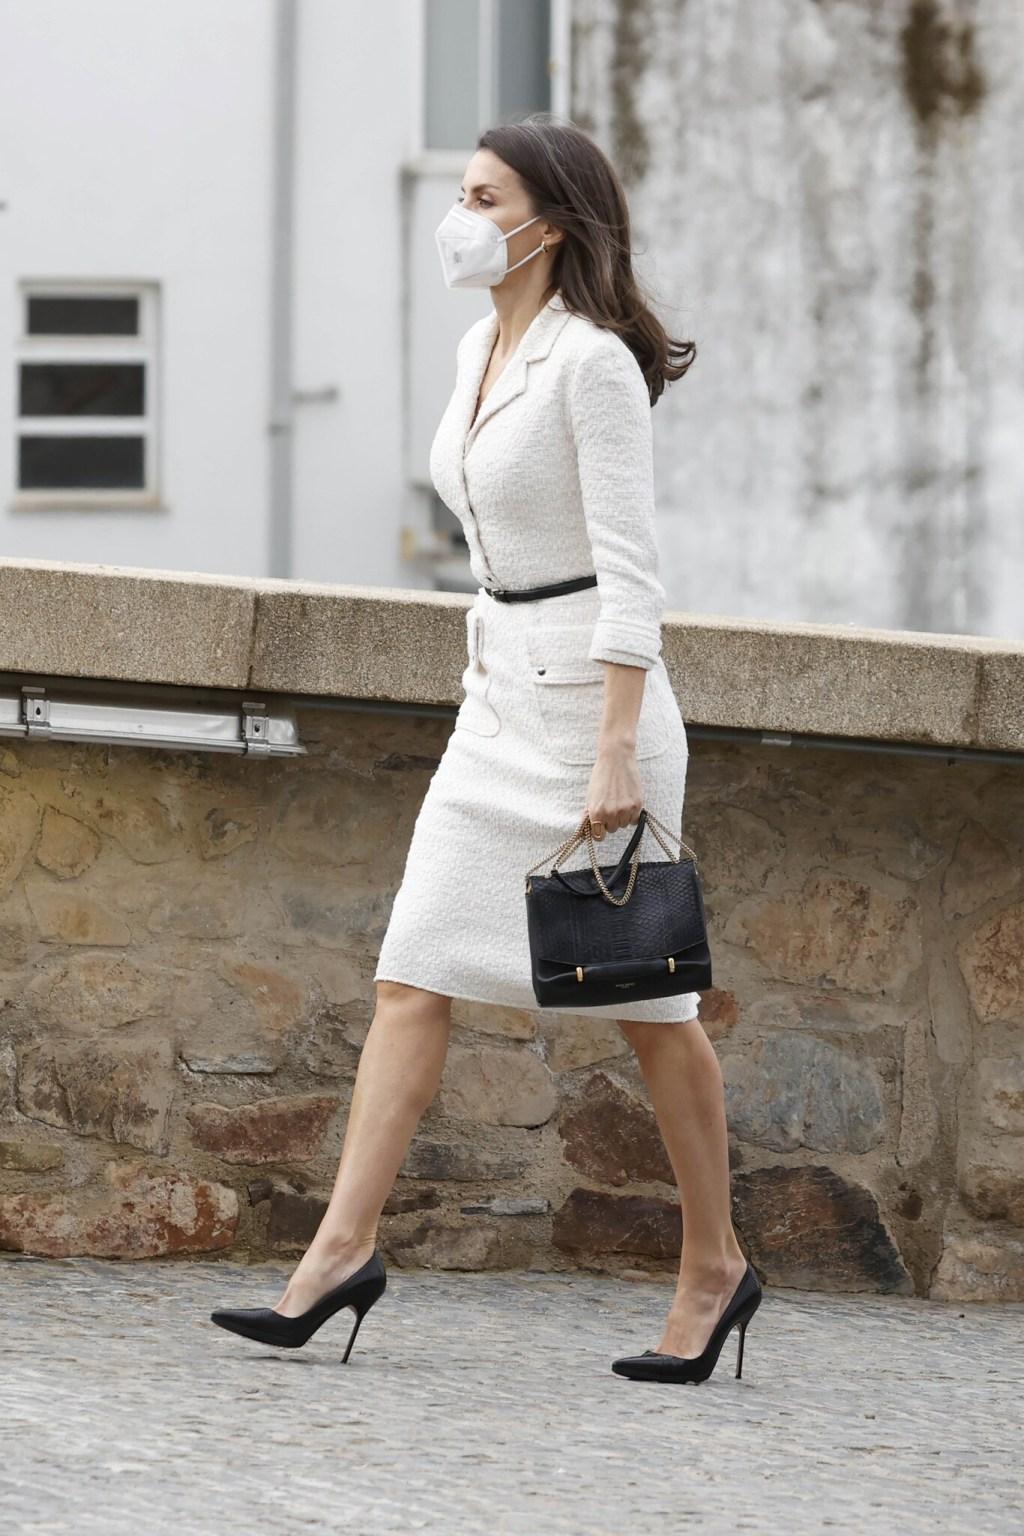 La reina Letizia recupera un vestido de tweed blanco y se adelanta a la primavera